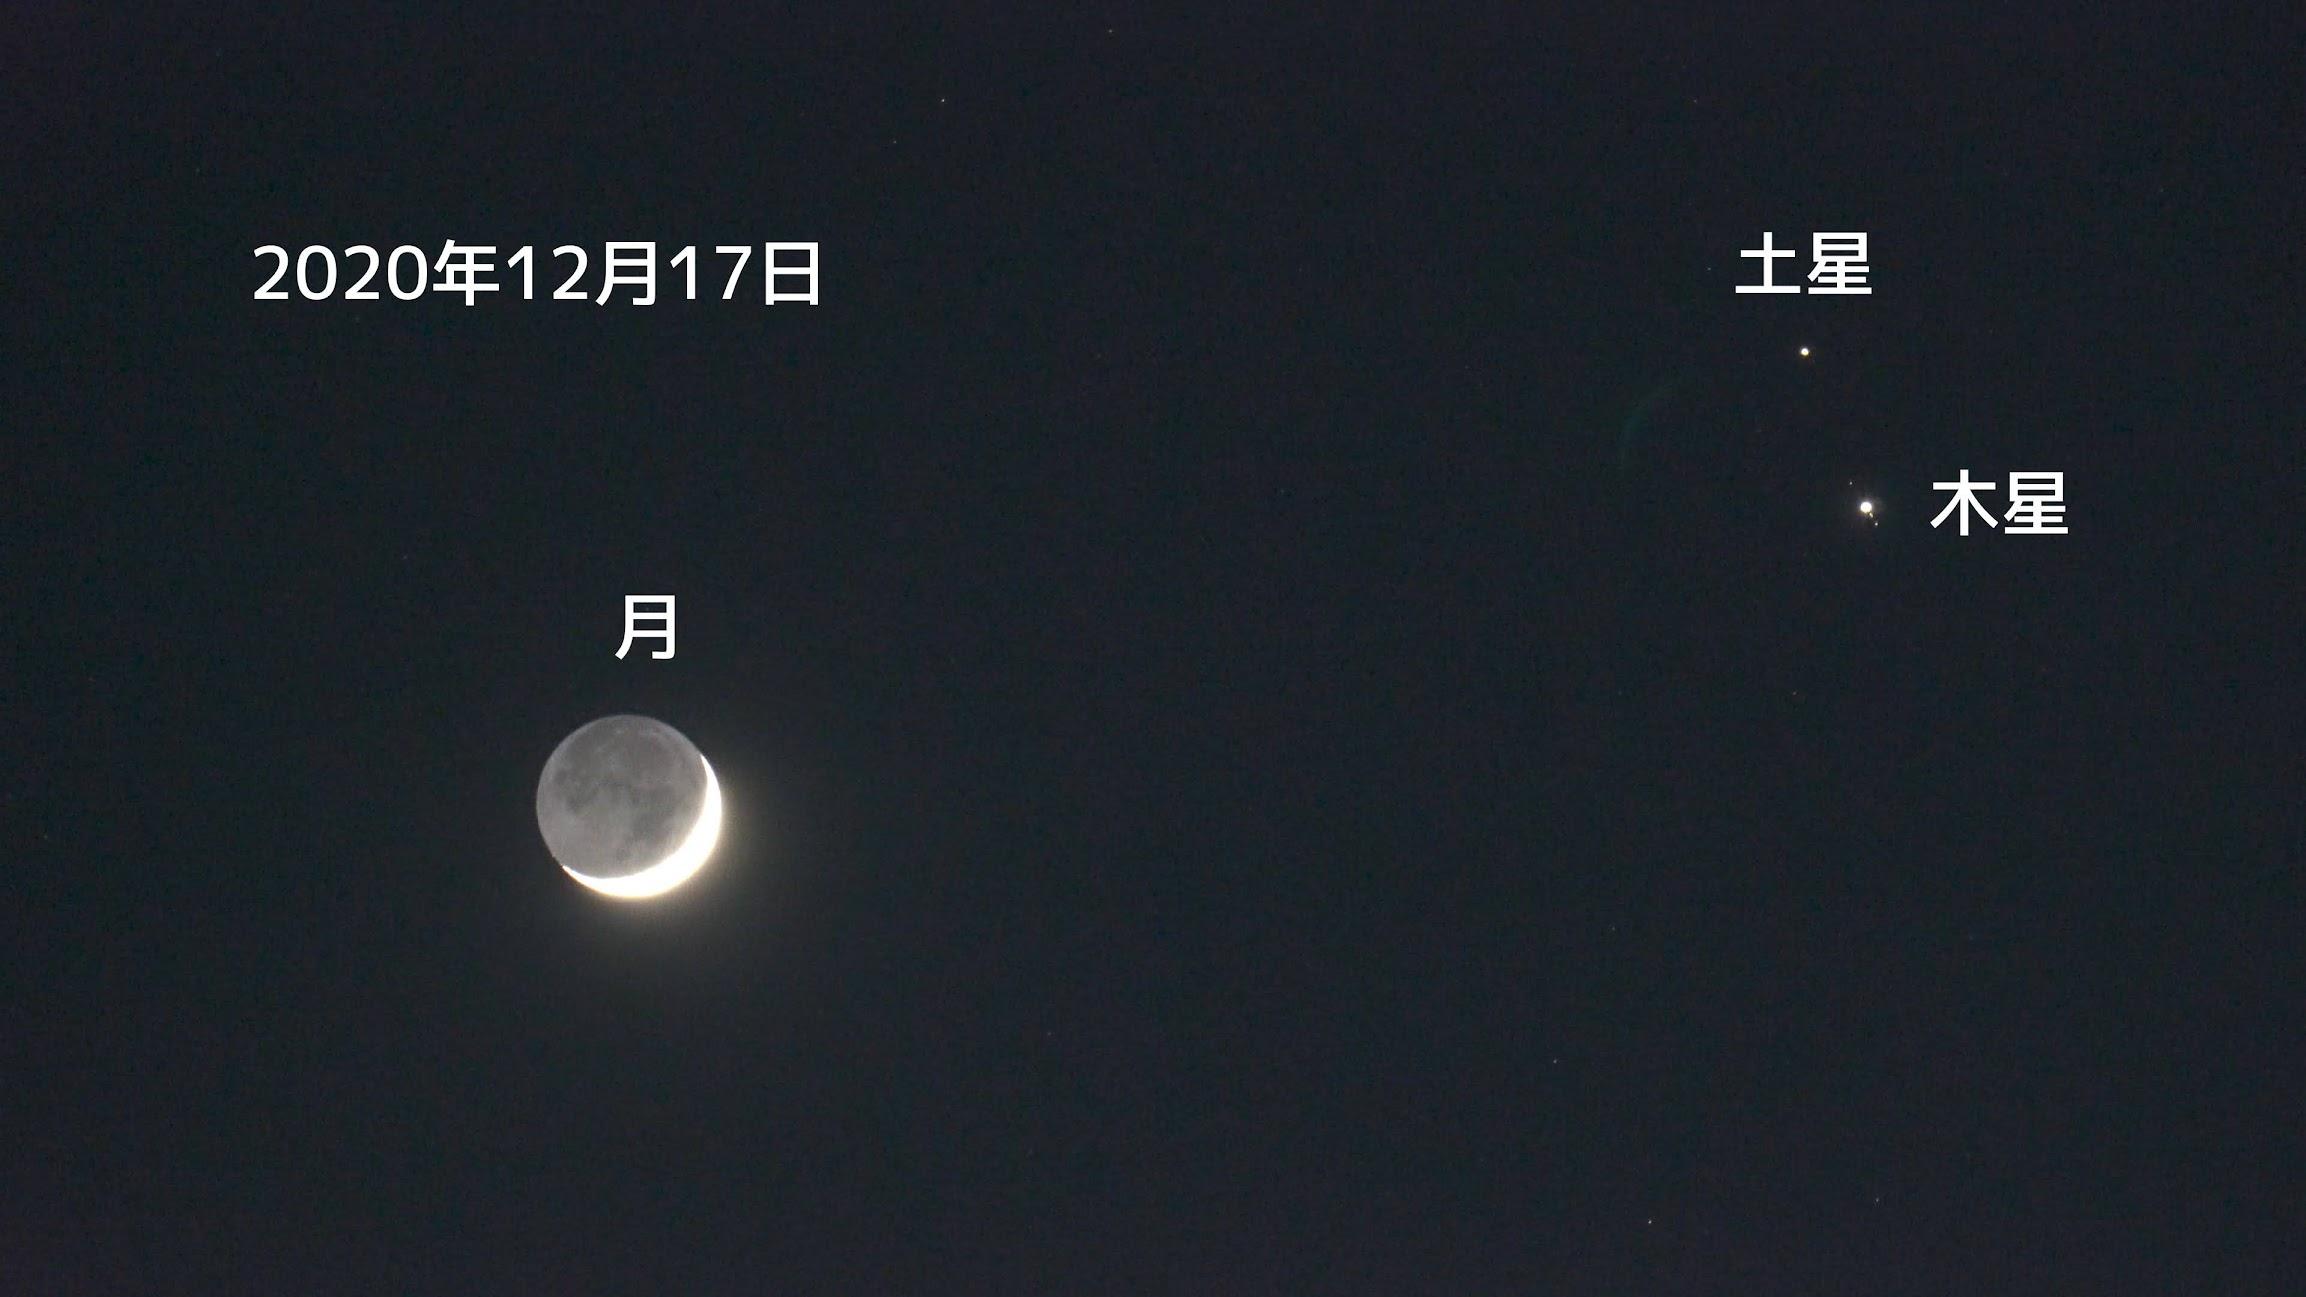 珍しい「三日月と土星と木星」の3ショット(2020年12月17日 )